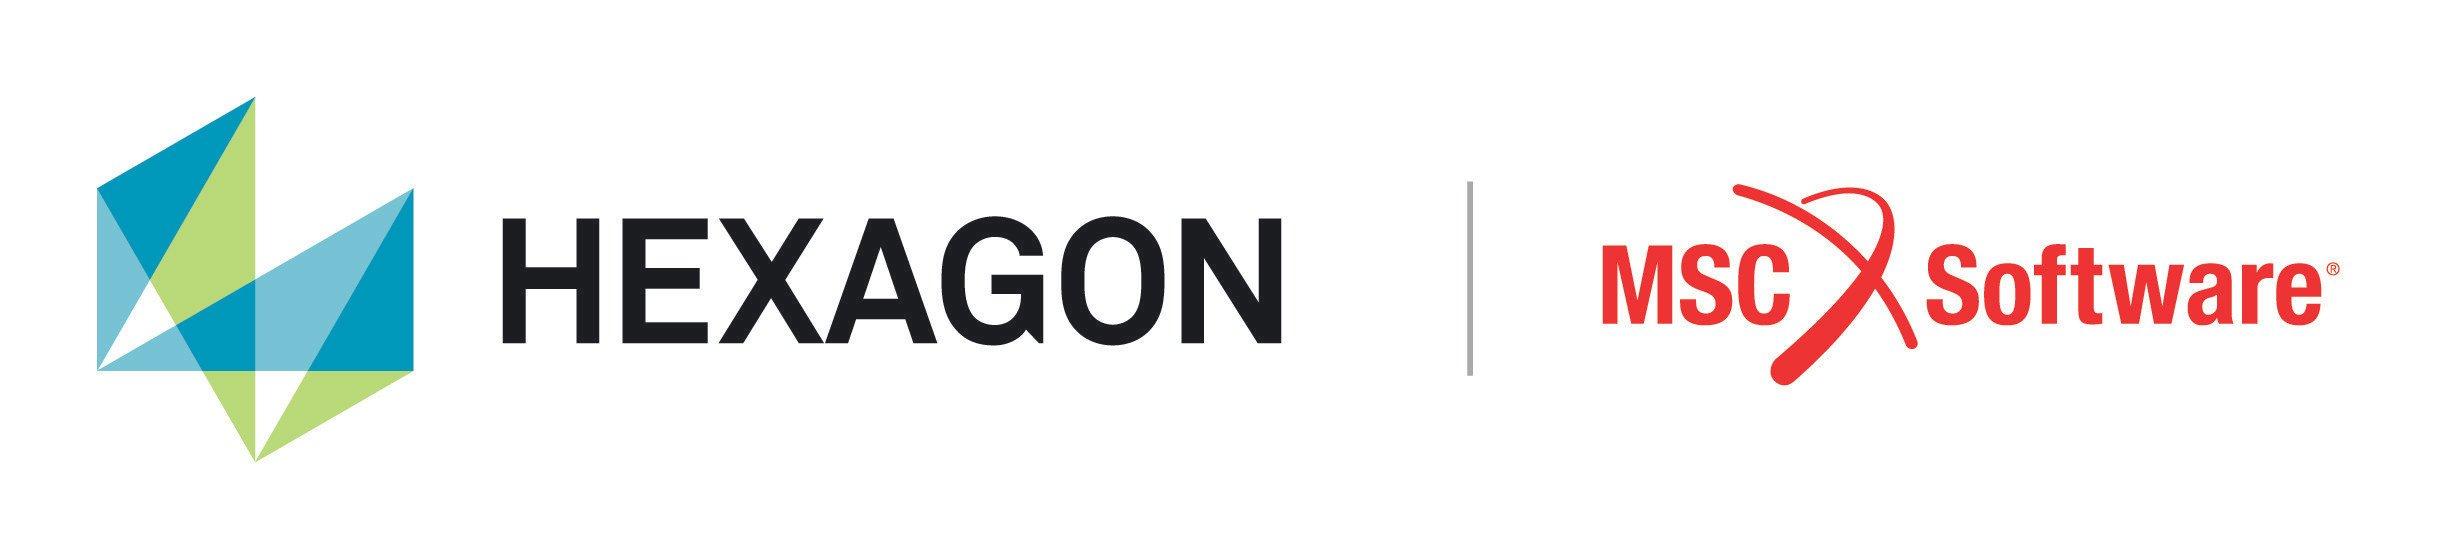 Hexagon - MSC softwared